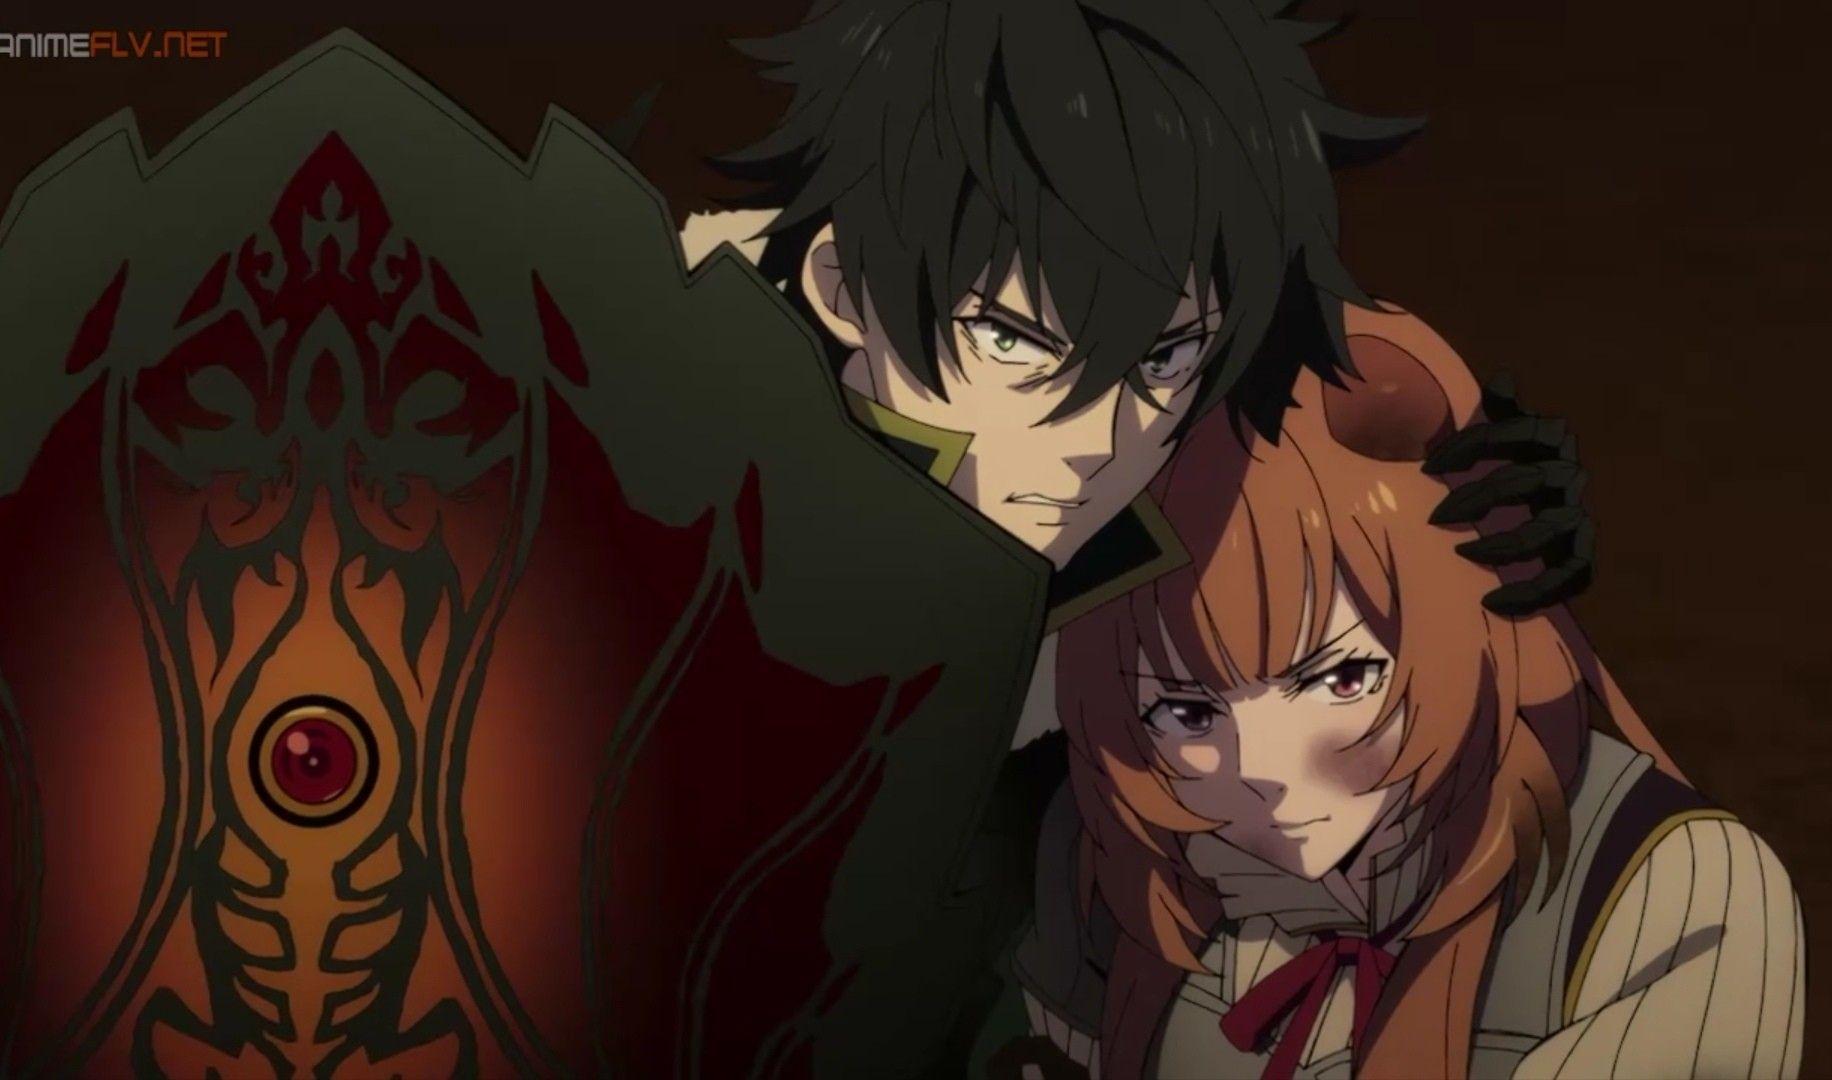 Tate no Yuusha no Nariagari EP 20 Anime, Dibujos y Arte